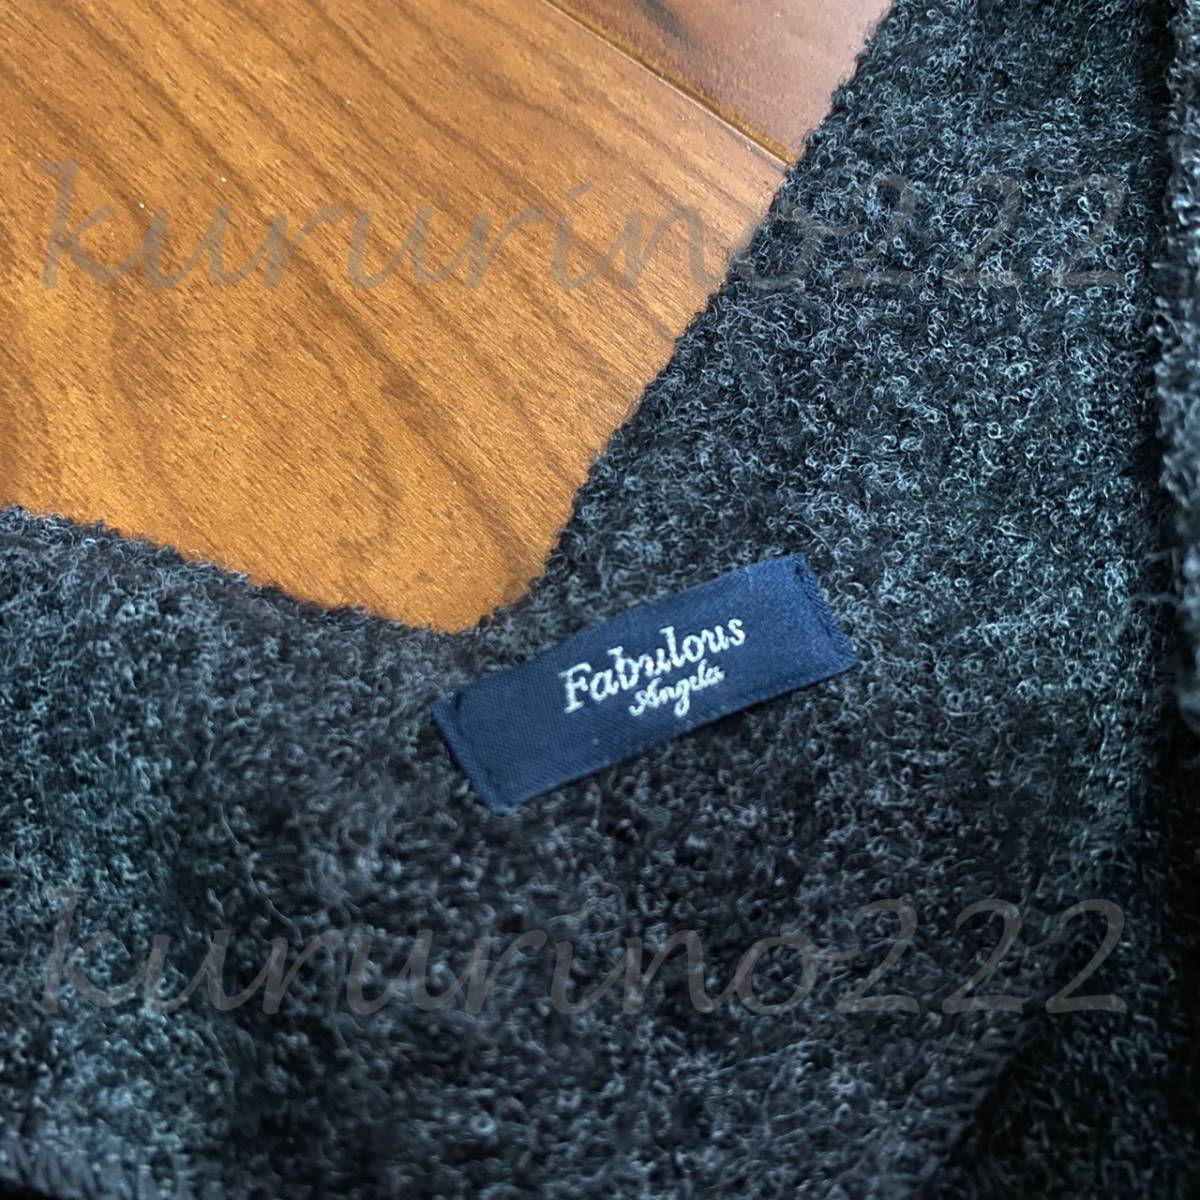 ◇中古 古着★即決【Fabulous Angela/ニット スカート セットアップ】フリーサイズ レディース 長袖 冬 デート 女子 可愛い 膝上 服 洋服_画像6